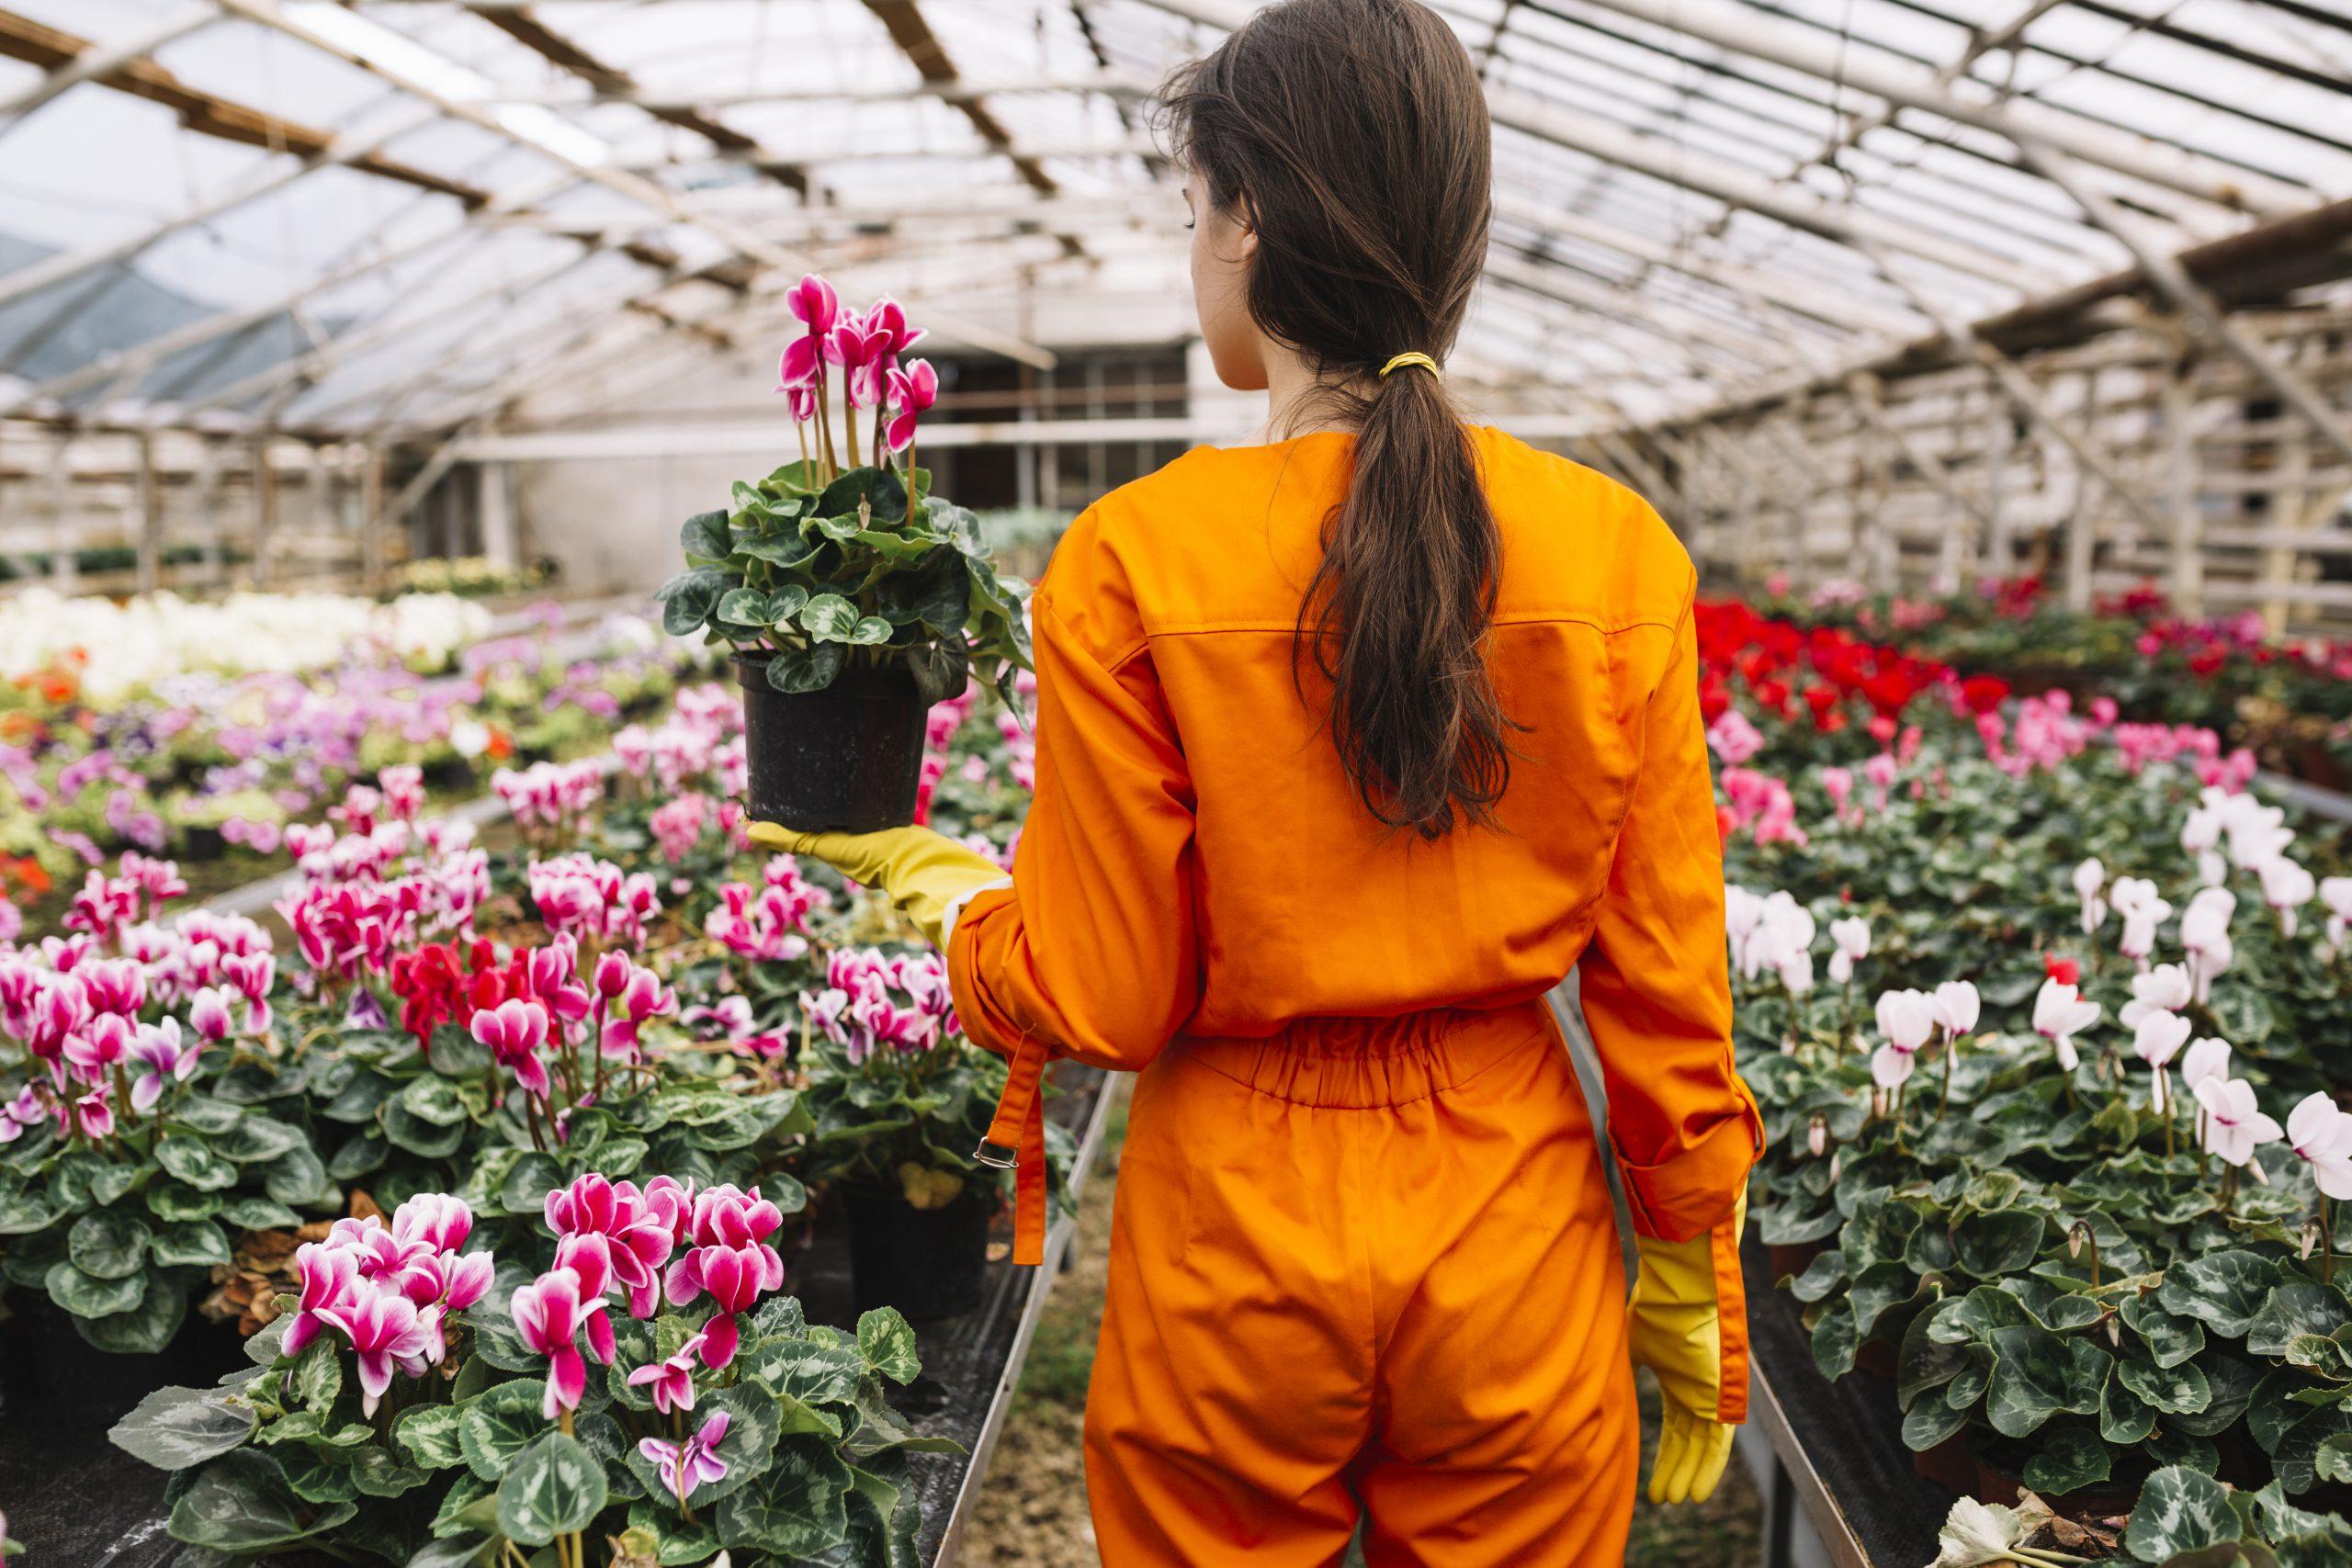 How to Repot Cyclamen houseplants?